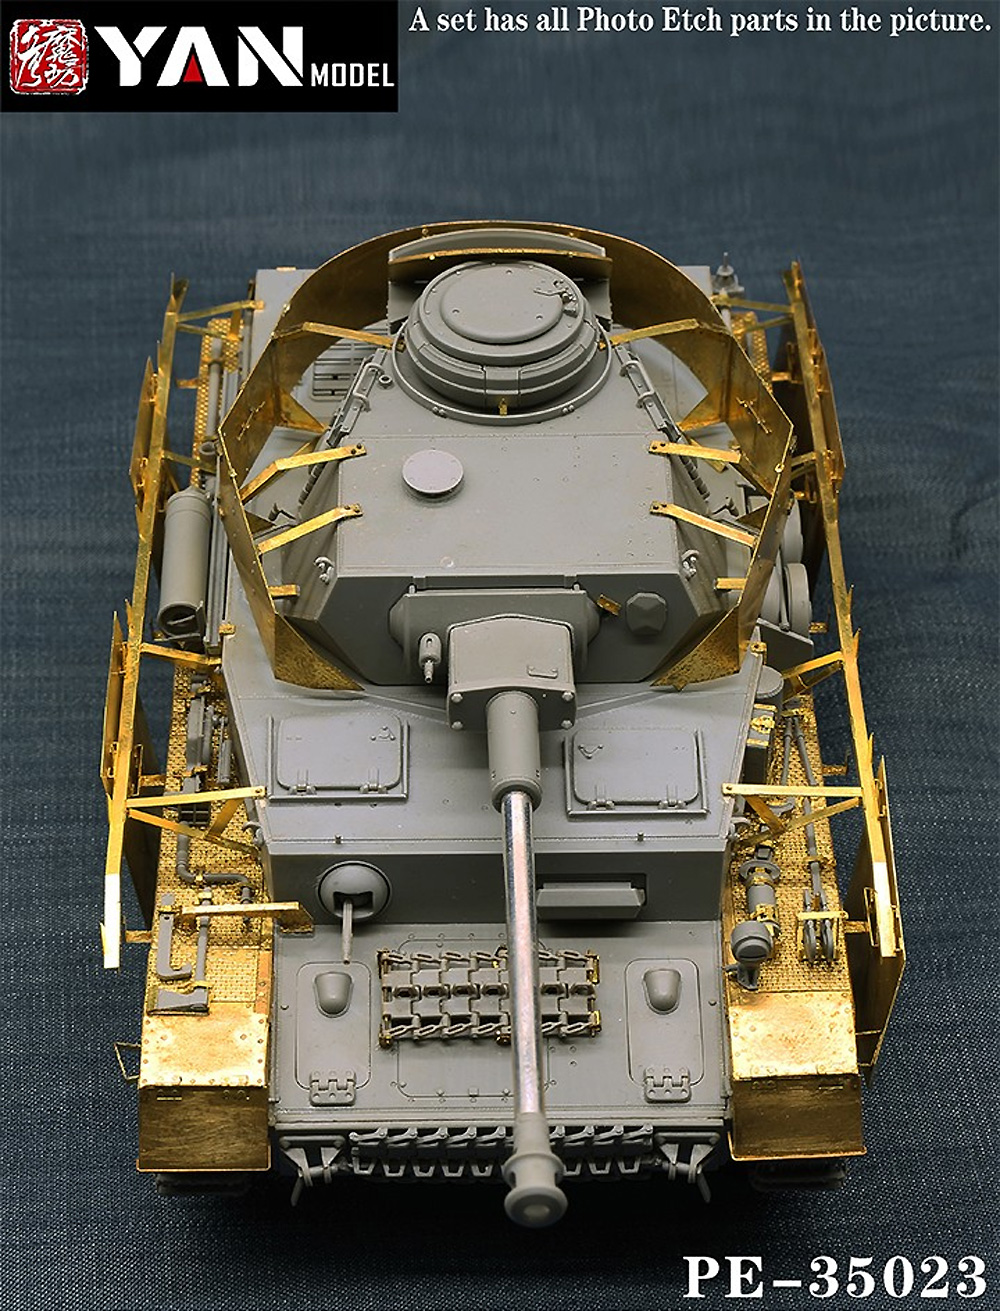 ドイツ 4号戦車H型 エッチングパーツ (ボーダーモデル BT-005対応)エッチング(YAN MODEL1/35 ディテールアップパーツNo.PE-35023)商品画像_1